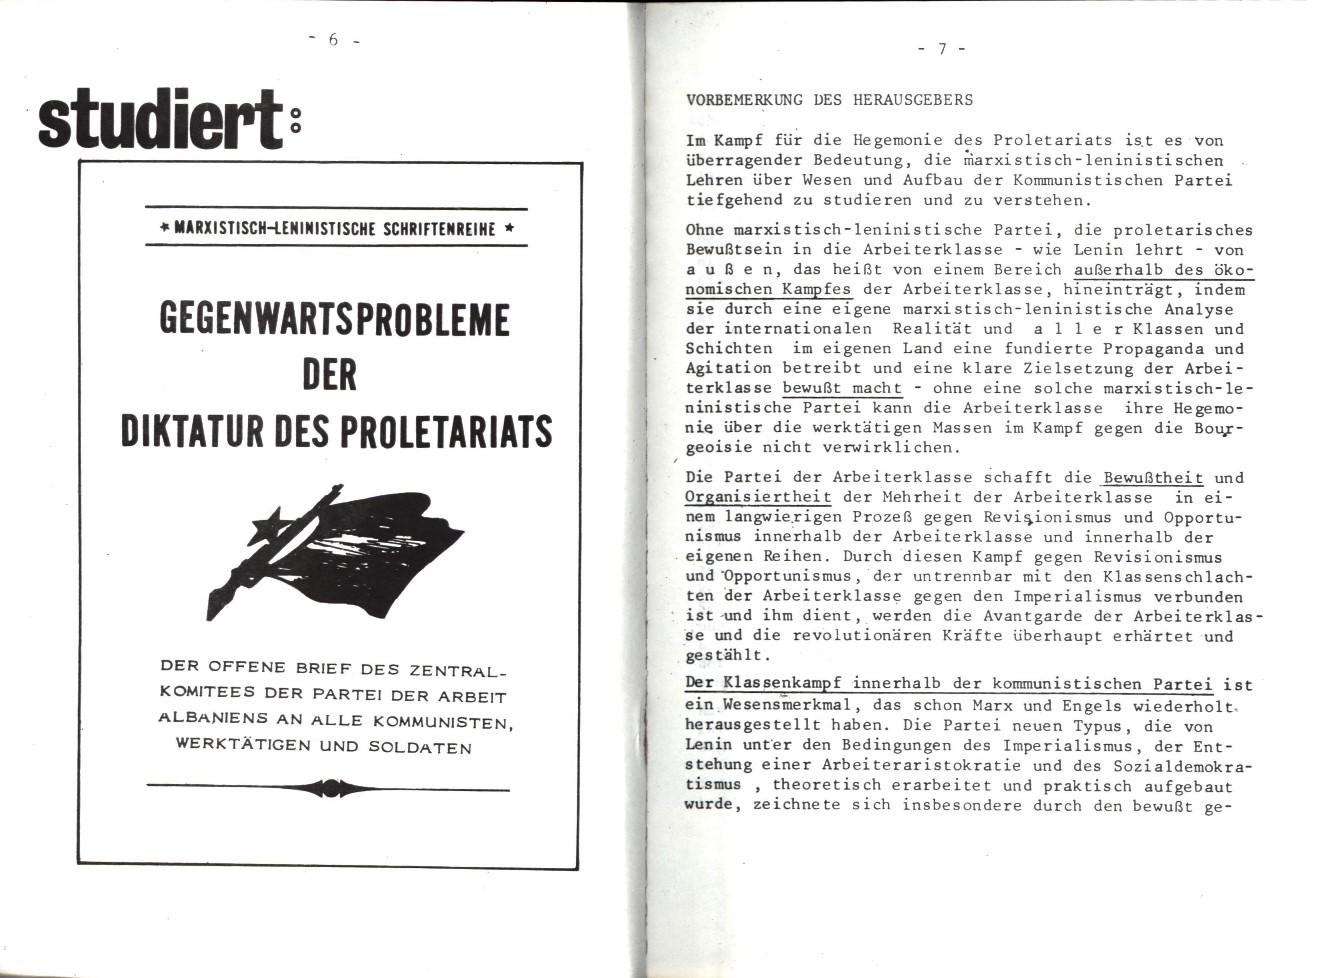 MLSK_Theorie_und_Praxis_des_ML_1979_25_04